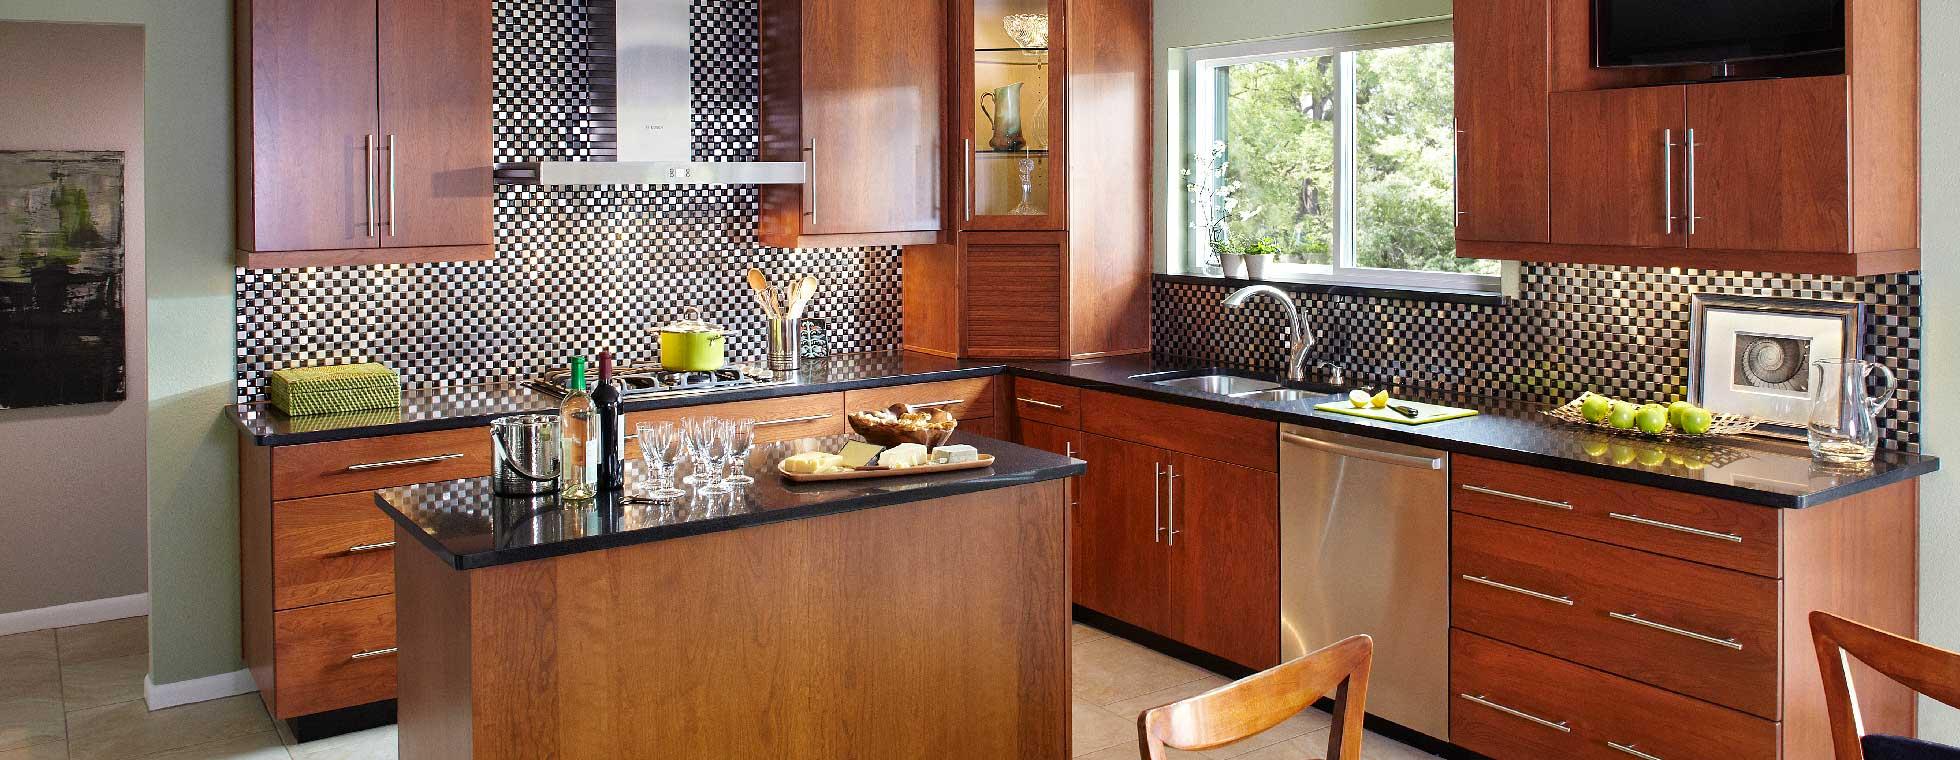 Kitchenkeller76248whitecabinetsgreygecaferangesherwinwilliams